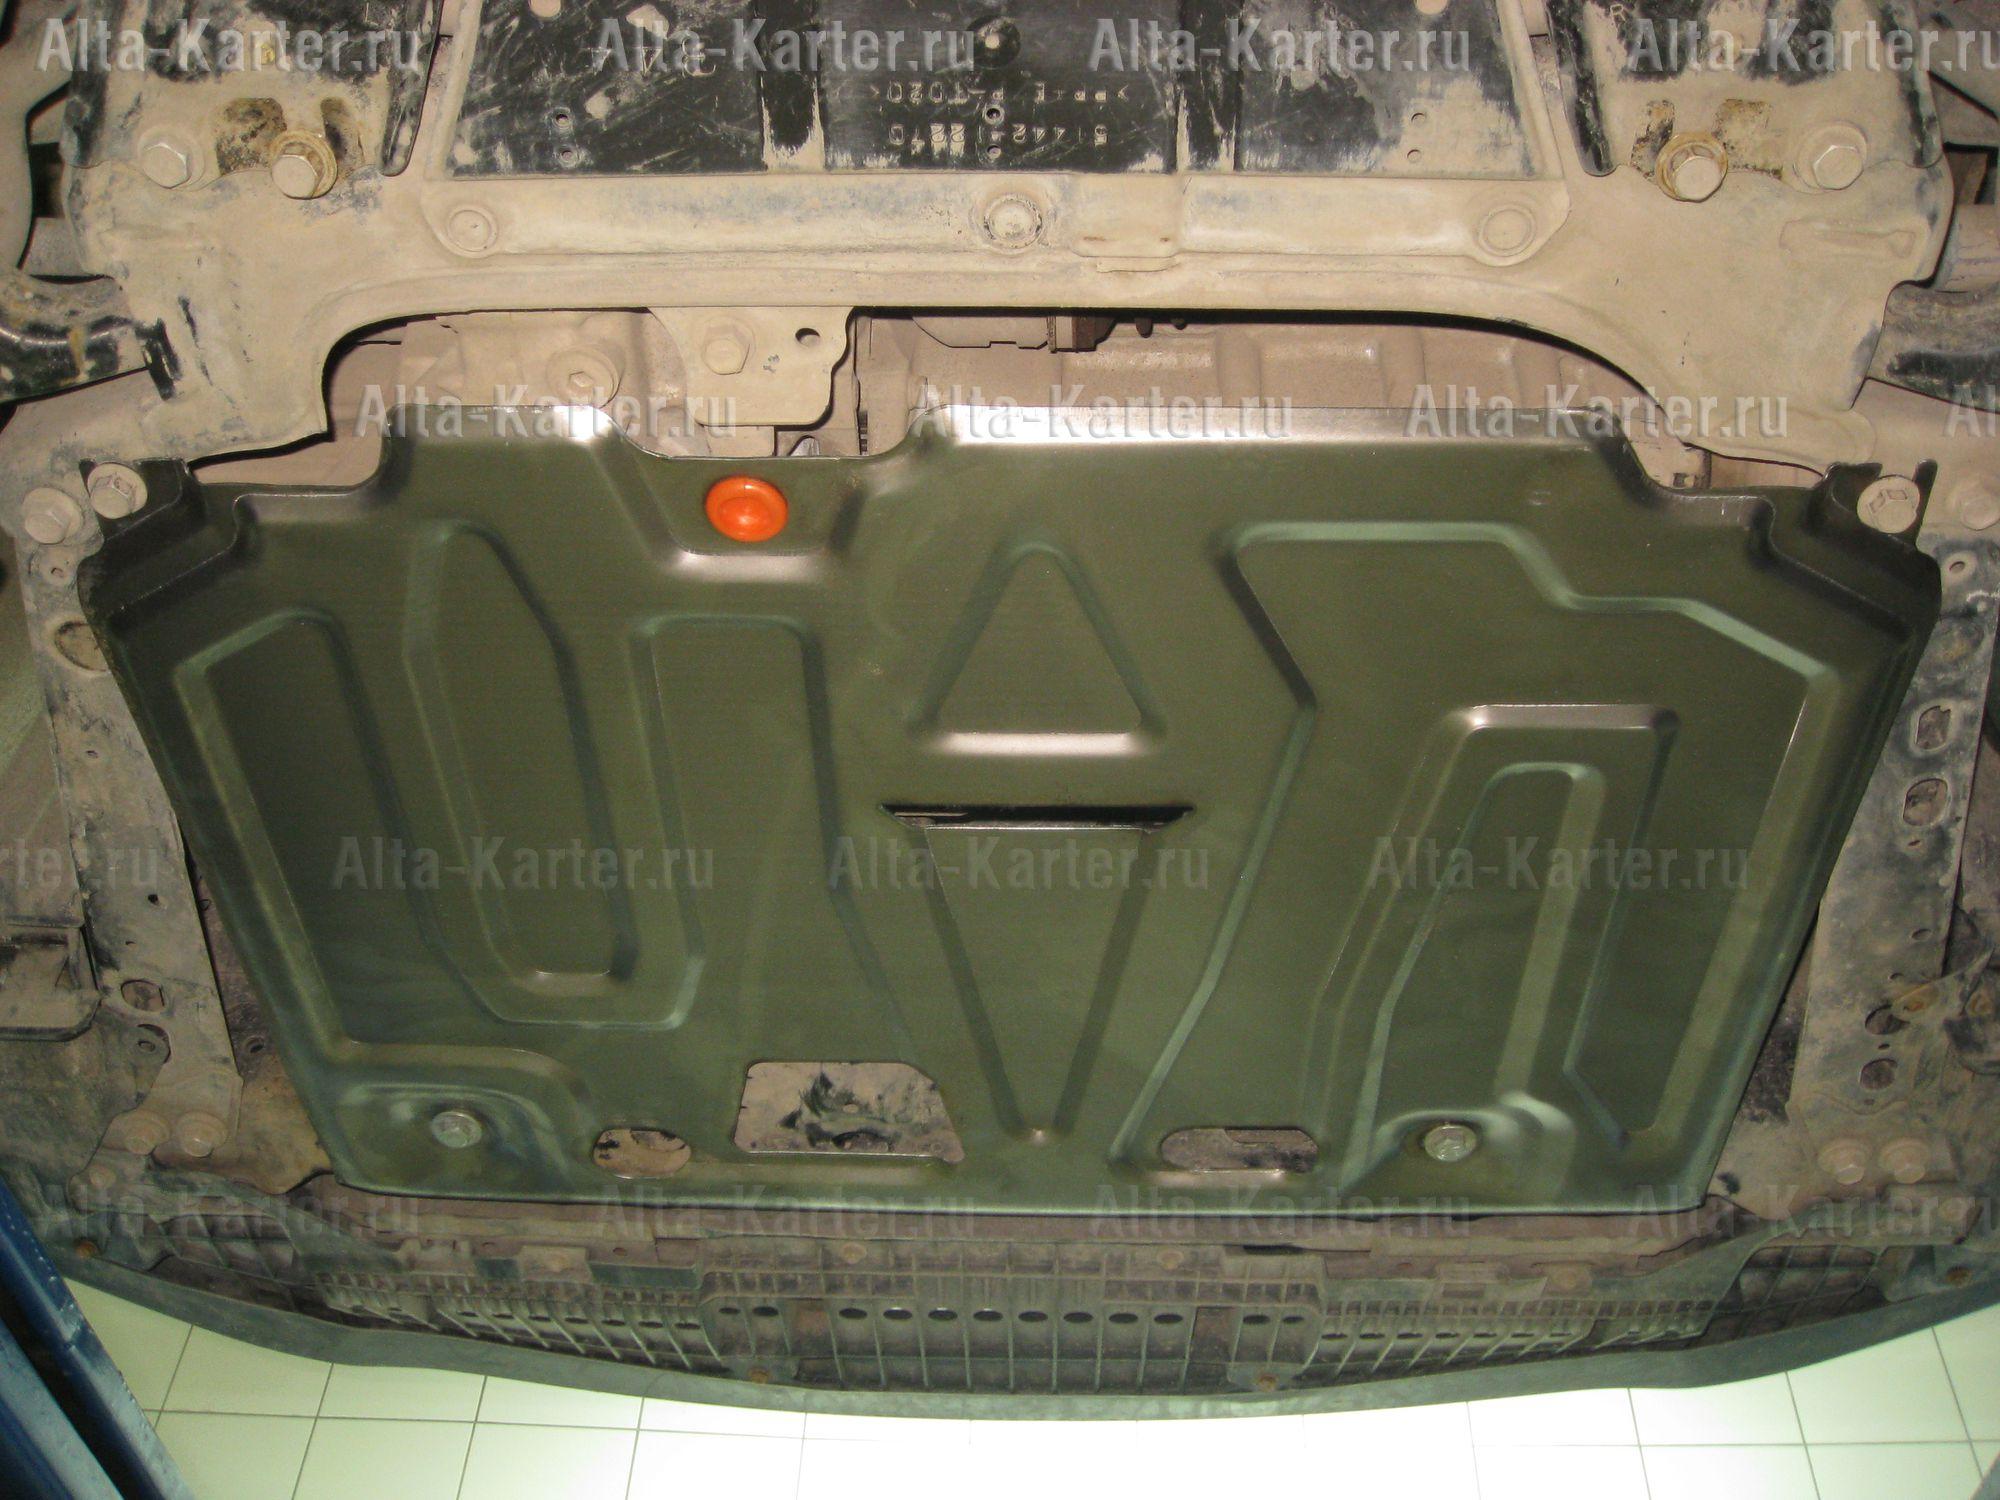 Защита Alfeco для картера и КПП Toyota Corolla E140, E150 2007-2013. Артикул ALF.24.750st